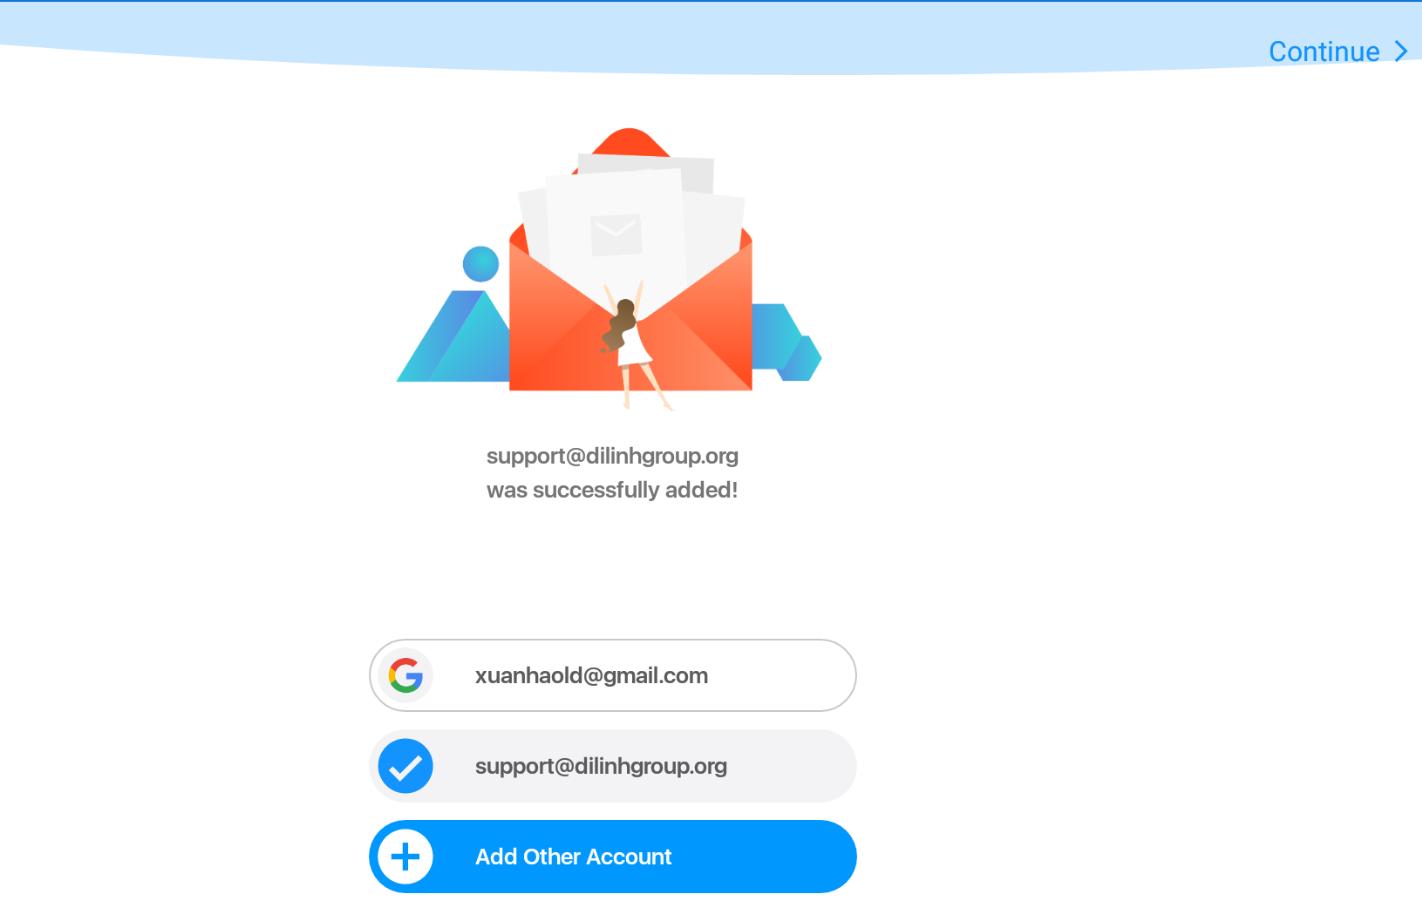 Hướng dẫn cấu hình Email doanh nghiệp trên phần mêm Google Mail trên Android 7